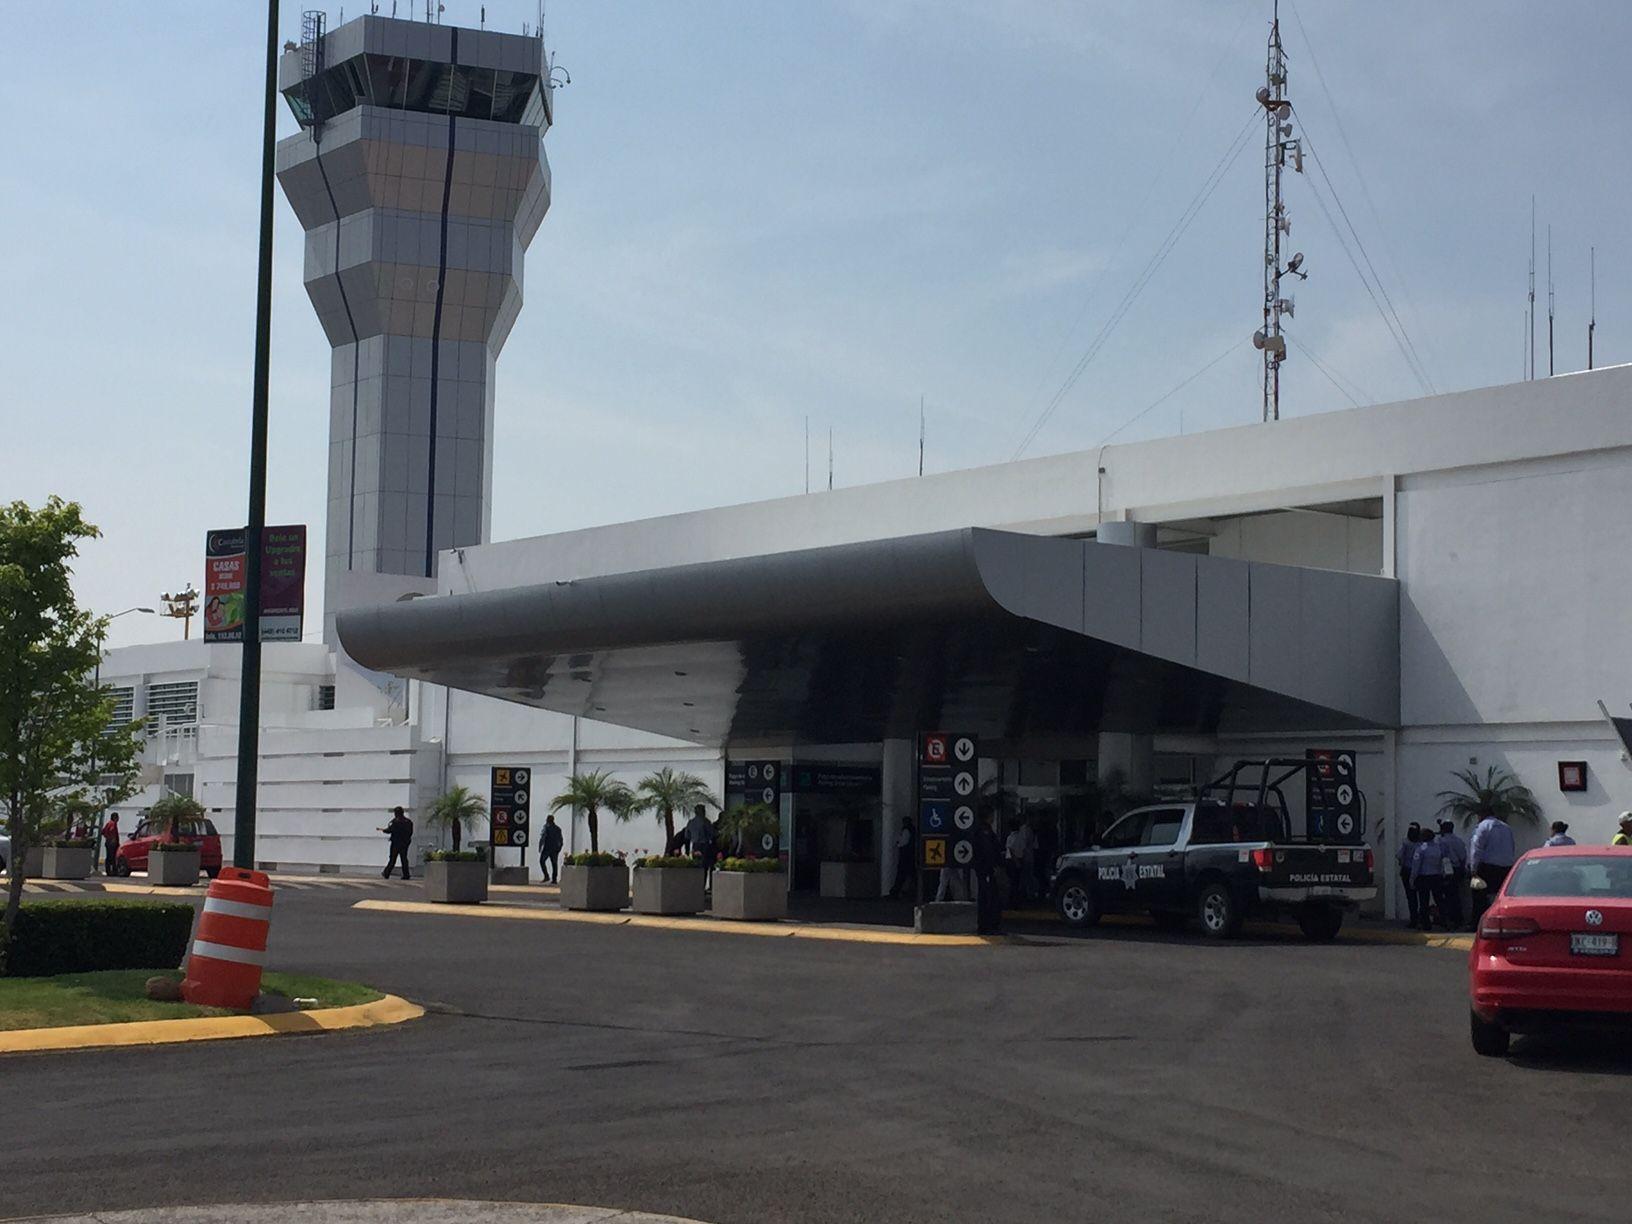 Por mal clima en Texas, United Airlines suspende vuelos del AIQ a ... - Códice Informativo